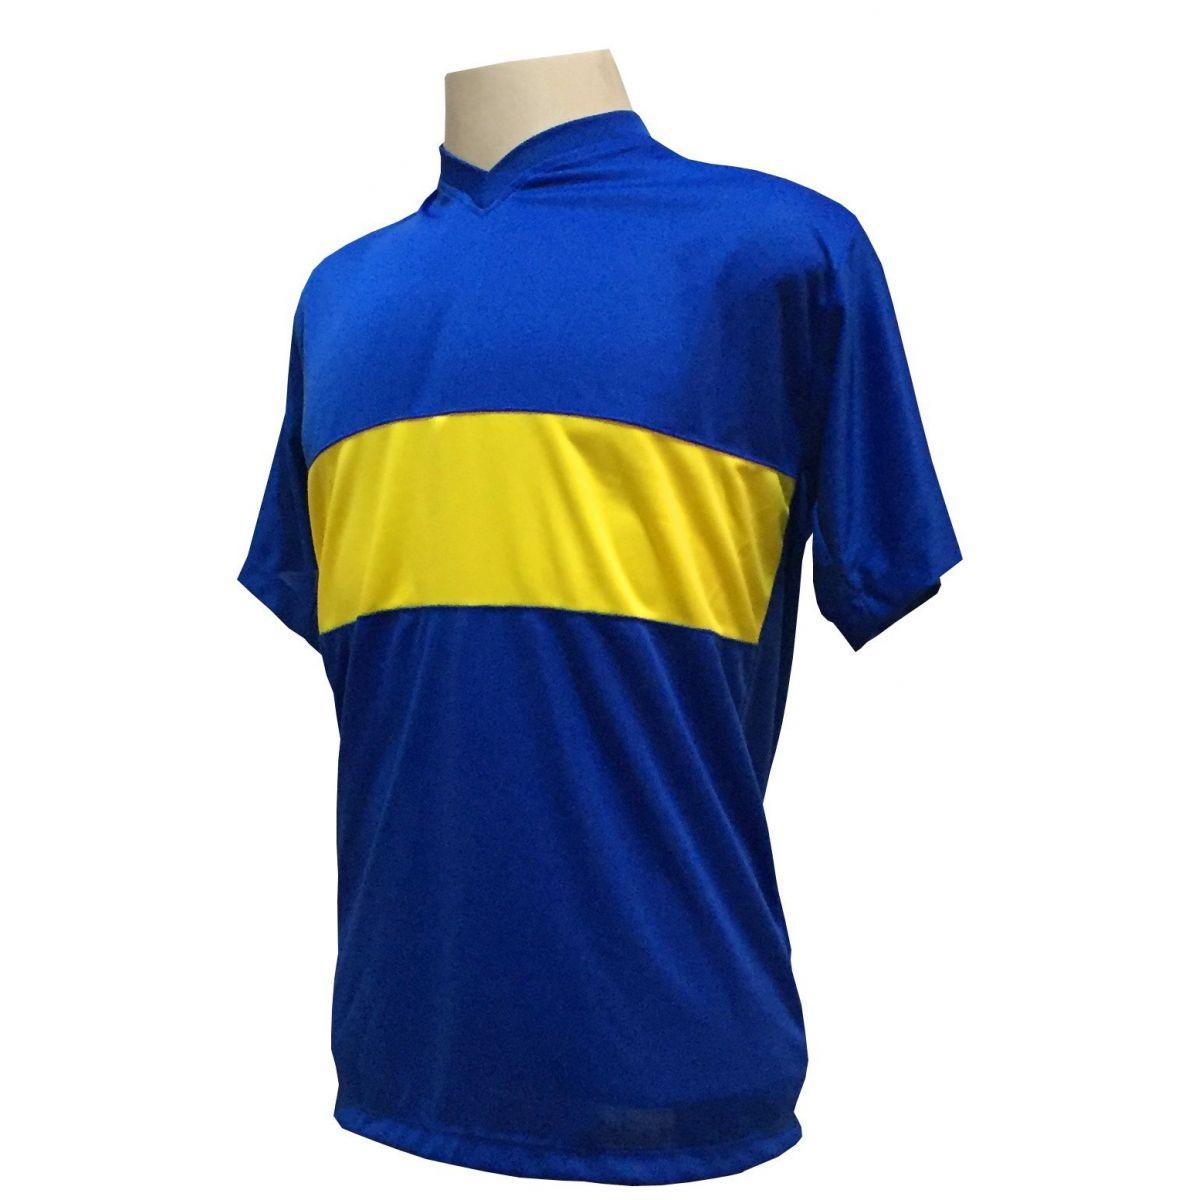 Uniforme Esportivo com 14 camisas modelo Boca Juniors Royal/Amarelo + 14 calções modelo Madrid Amarelo + 14 pares de meiões Amarelo